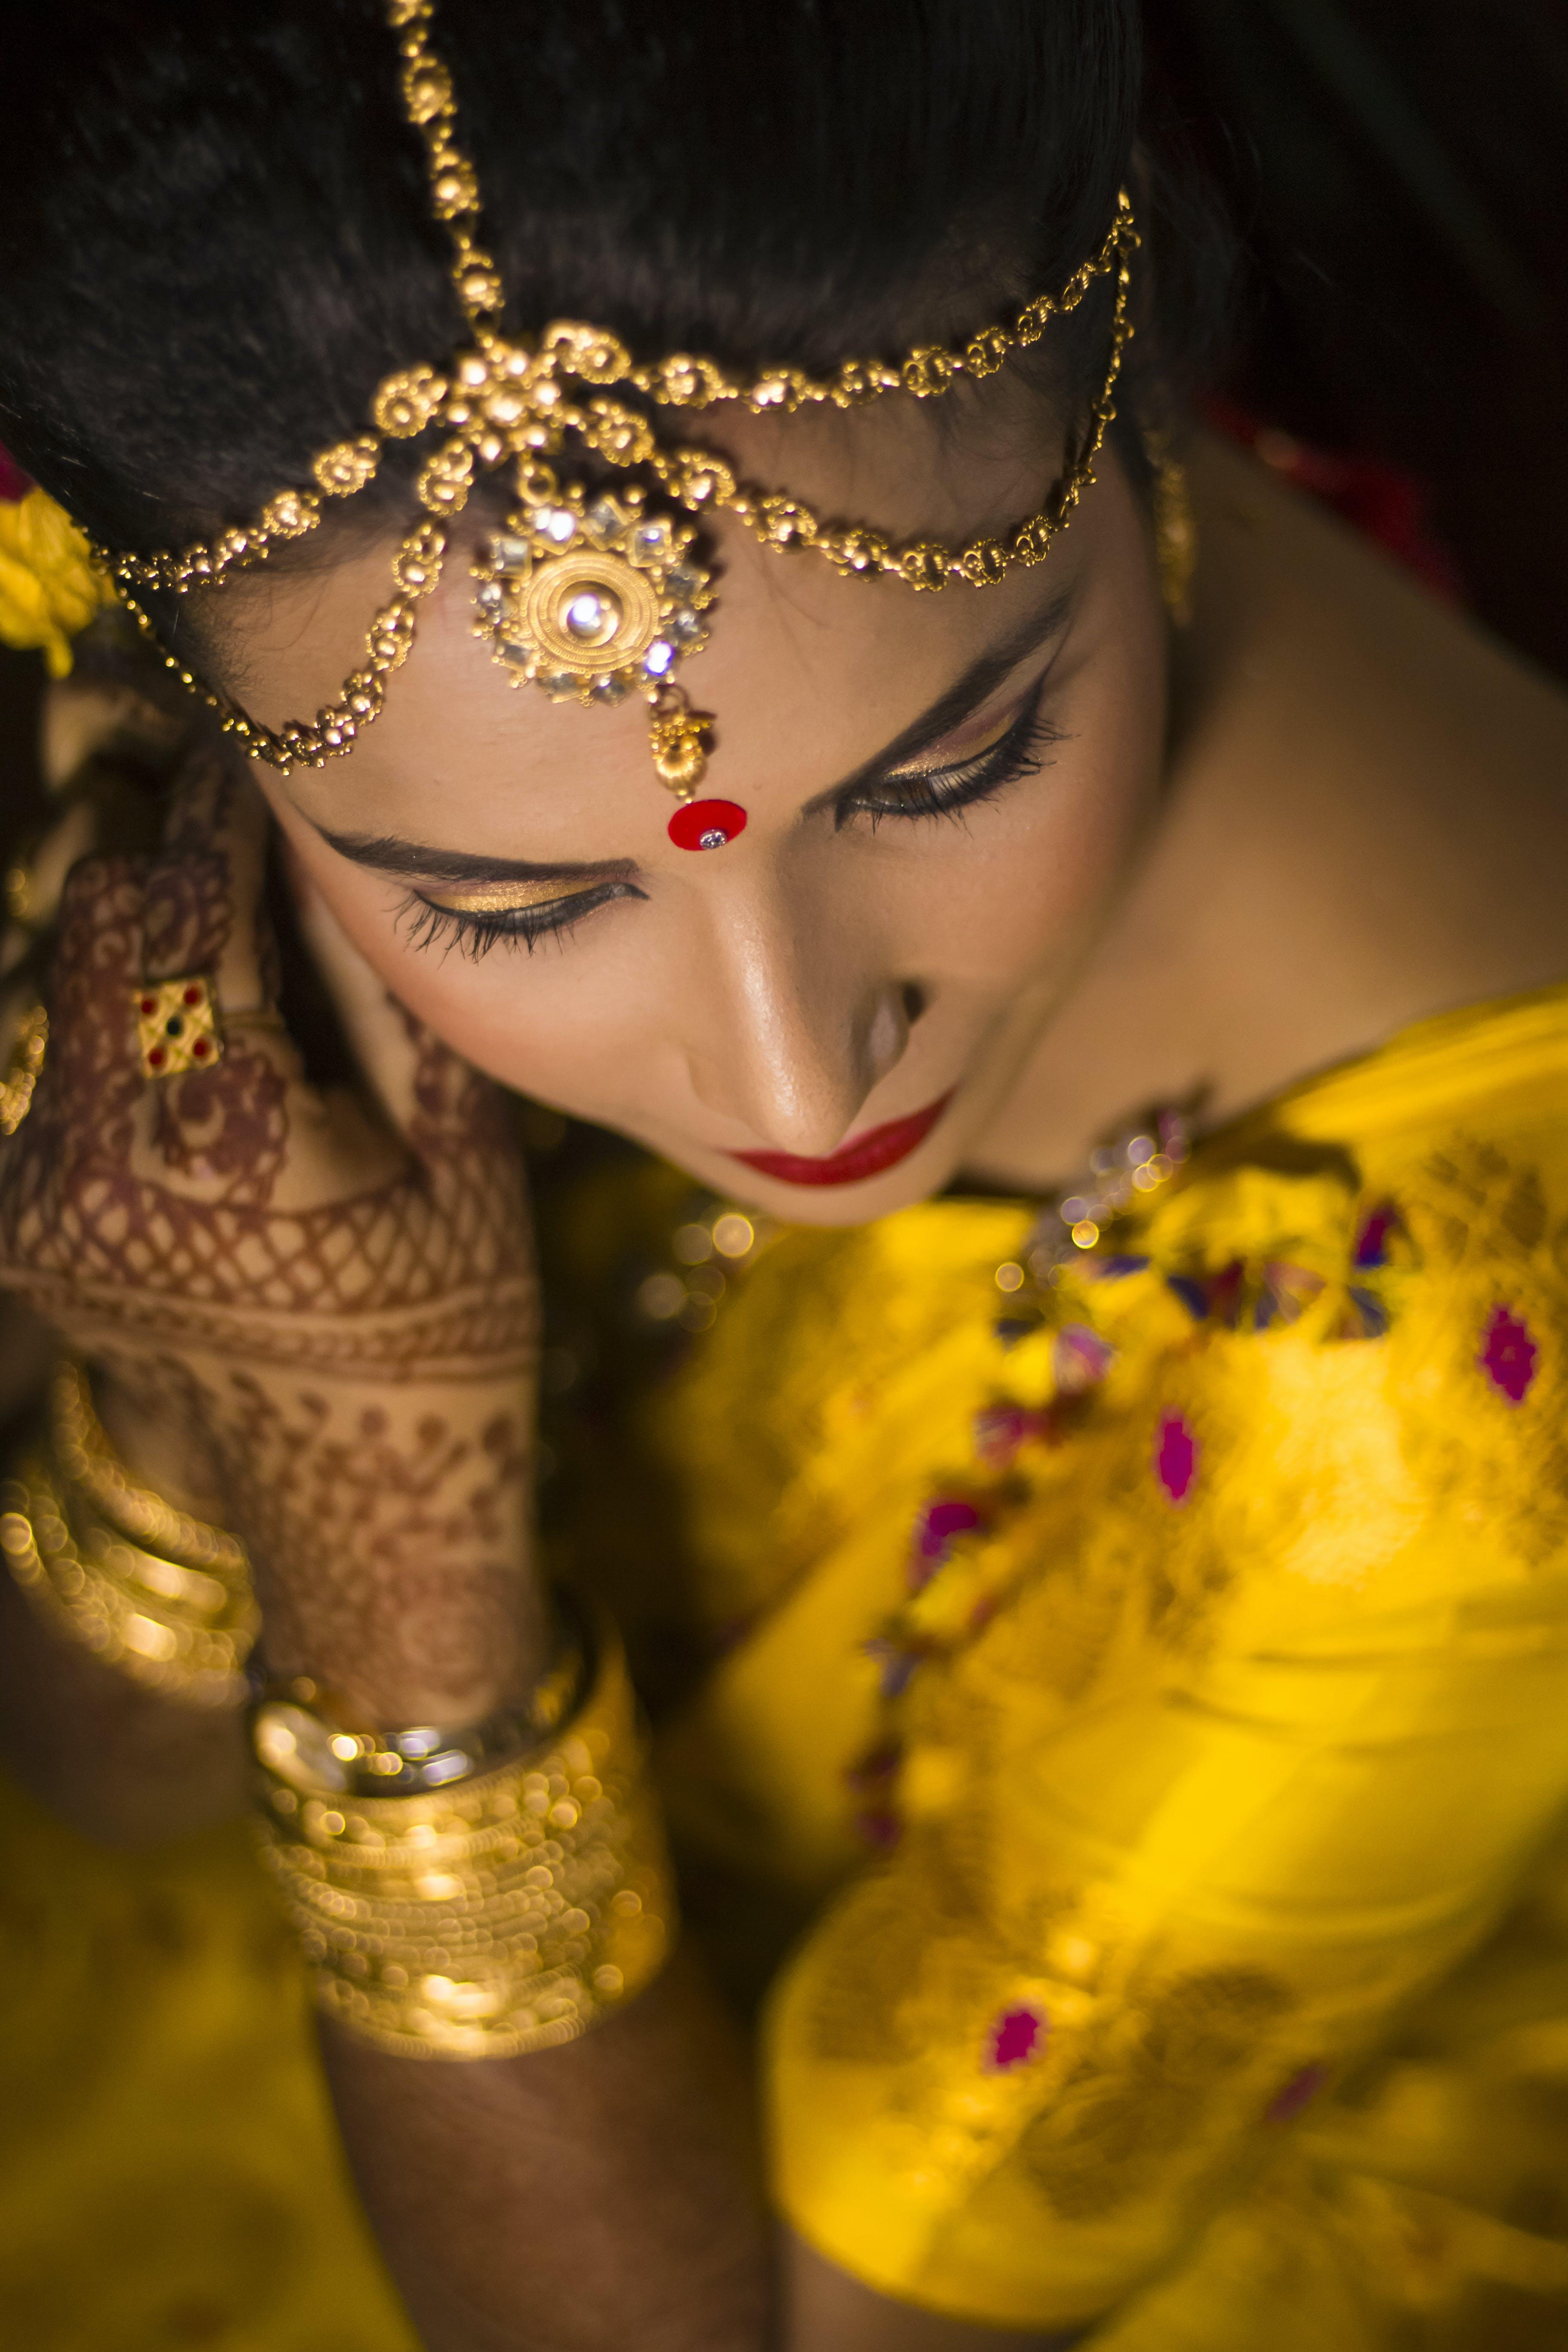 Free stock photo of beauty, bride, eye makeup, girl